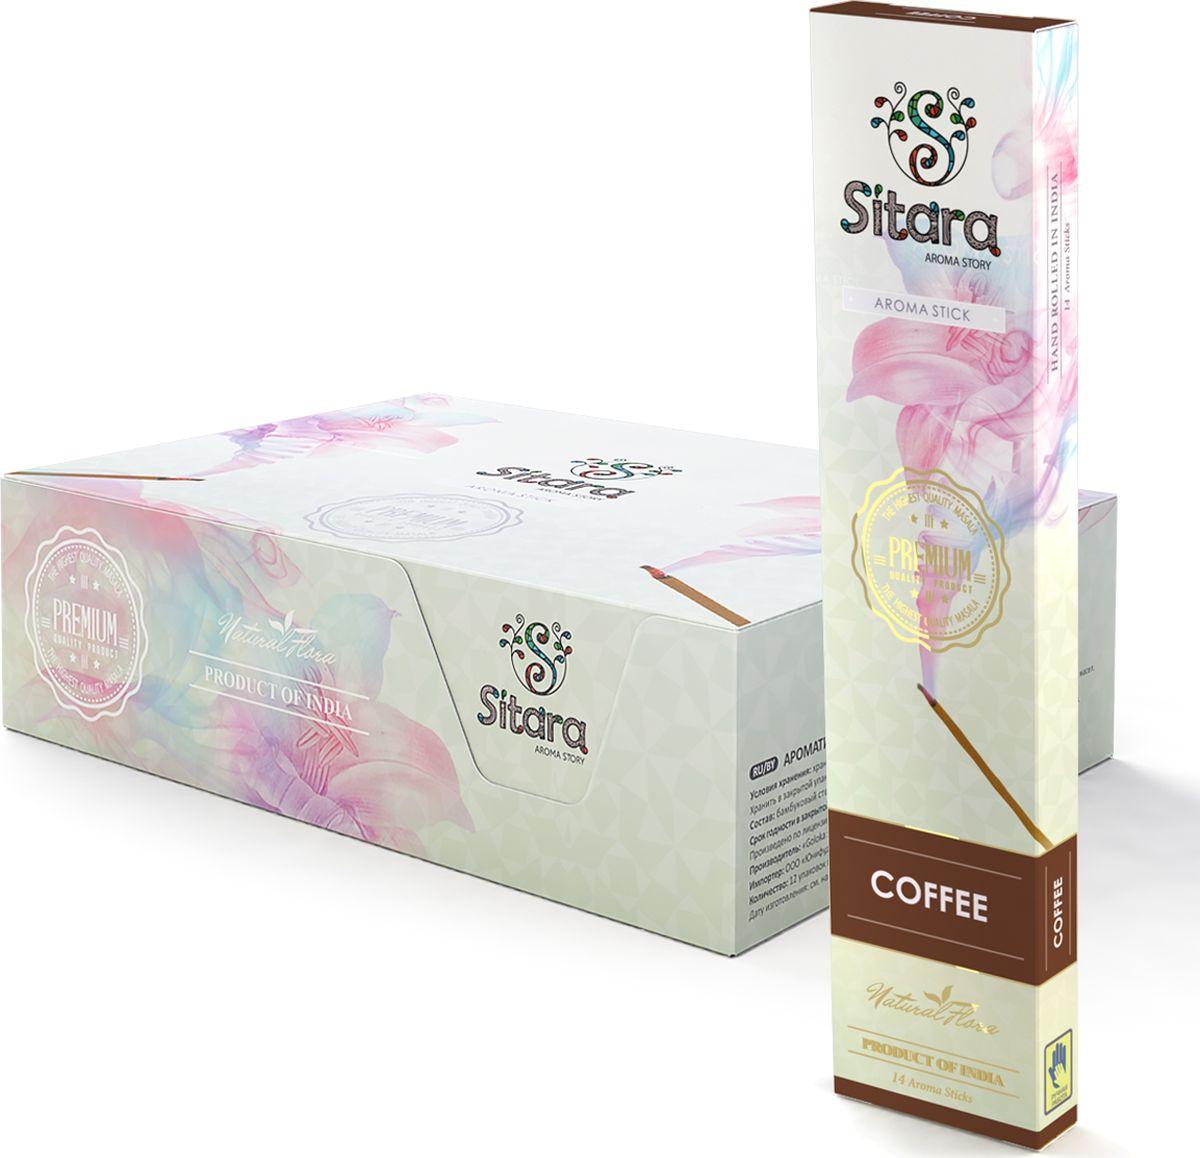 Ароматические палочки Sitara Premium Coffee, 14 палочек10322Аромат кофе ароматических палочек Sitara Premium Coffee тонизирует и включает второе дыхание.Помогает сосредоточиться и одержать верх над депрессией. Способ применения:Поджечь сторону, противоположную бамбуковому основанию. Через несколько секунд после возгорания задуть пламя. Поставить ароматическую палочку в подставку, соблюдая необходимые меры пожарной безопасности.Состав:Бамбуковый стержень (Bamboo rod), натуральный мед (Honey), смола и пудра сандалового дерева (Resin and sandalwood powder), натуральная эссенция эфирных масел (Essential oils)С осторожностью: Людям страдающими заболеваниями дыхательных путей, аллергическими реакциями, при беременности.